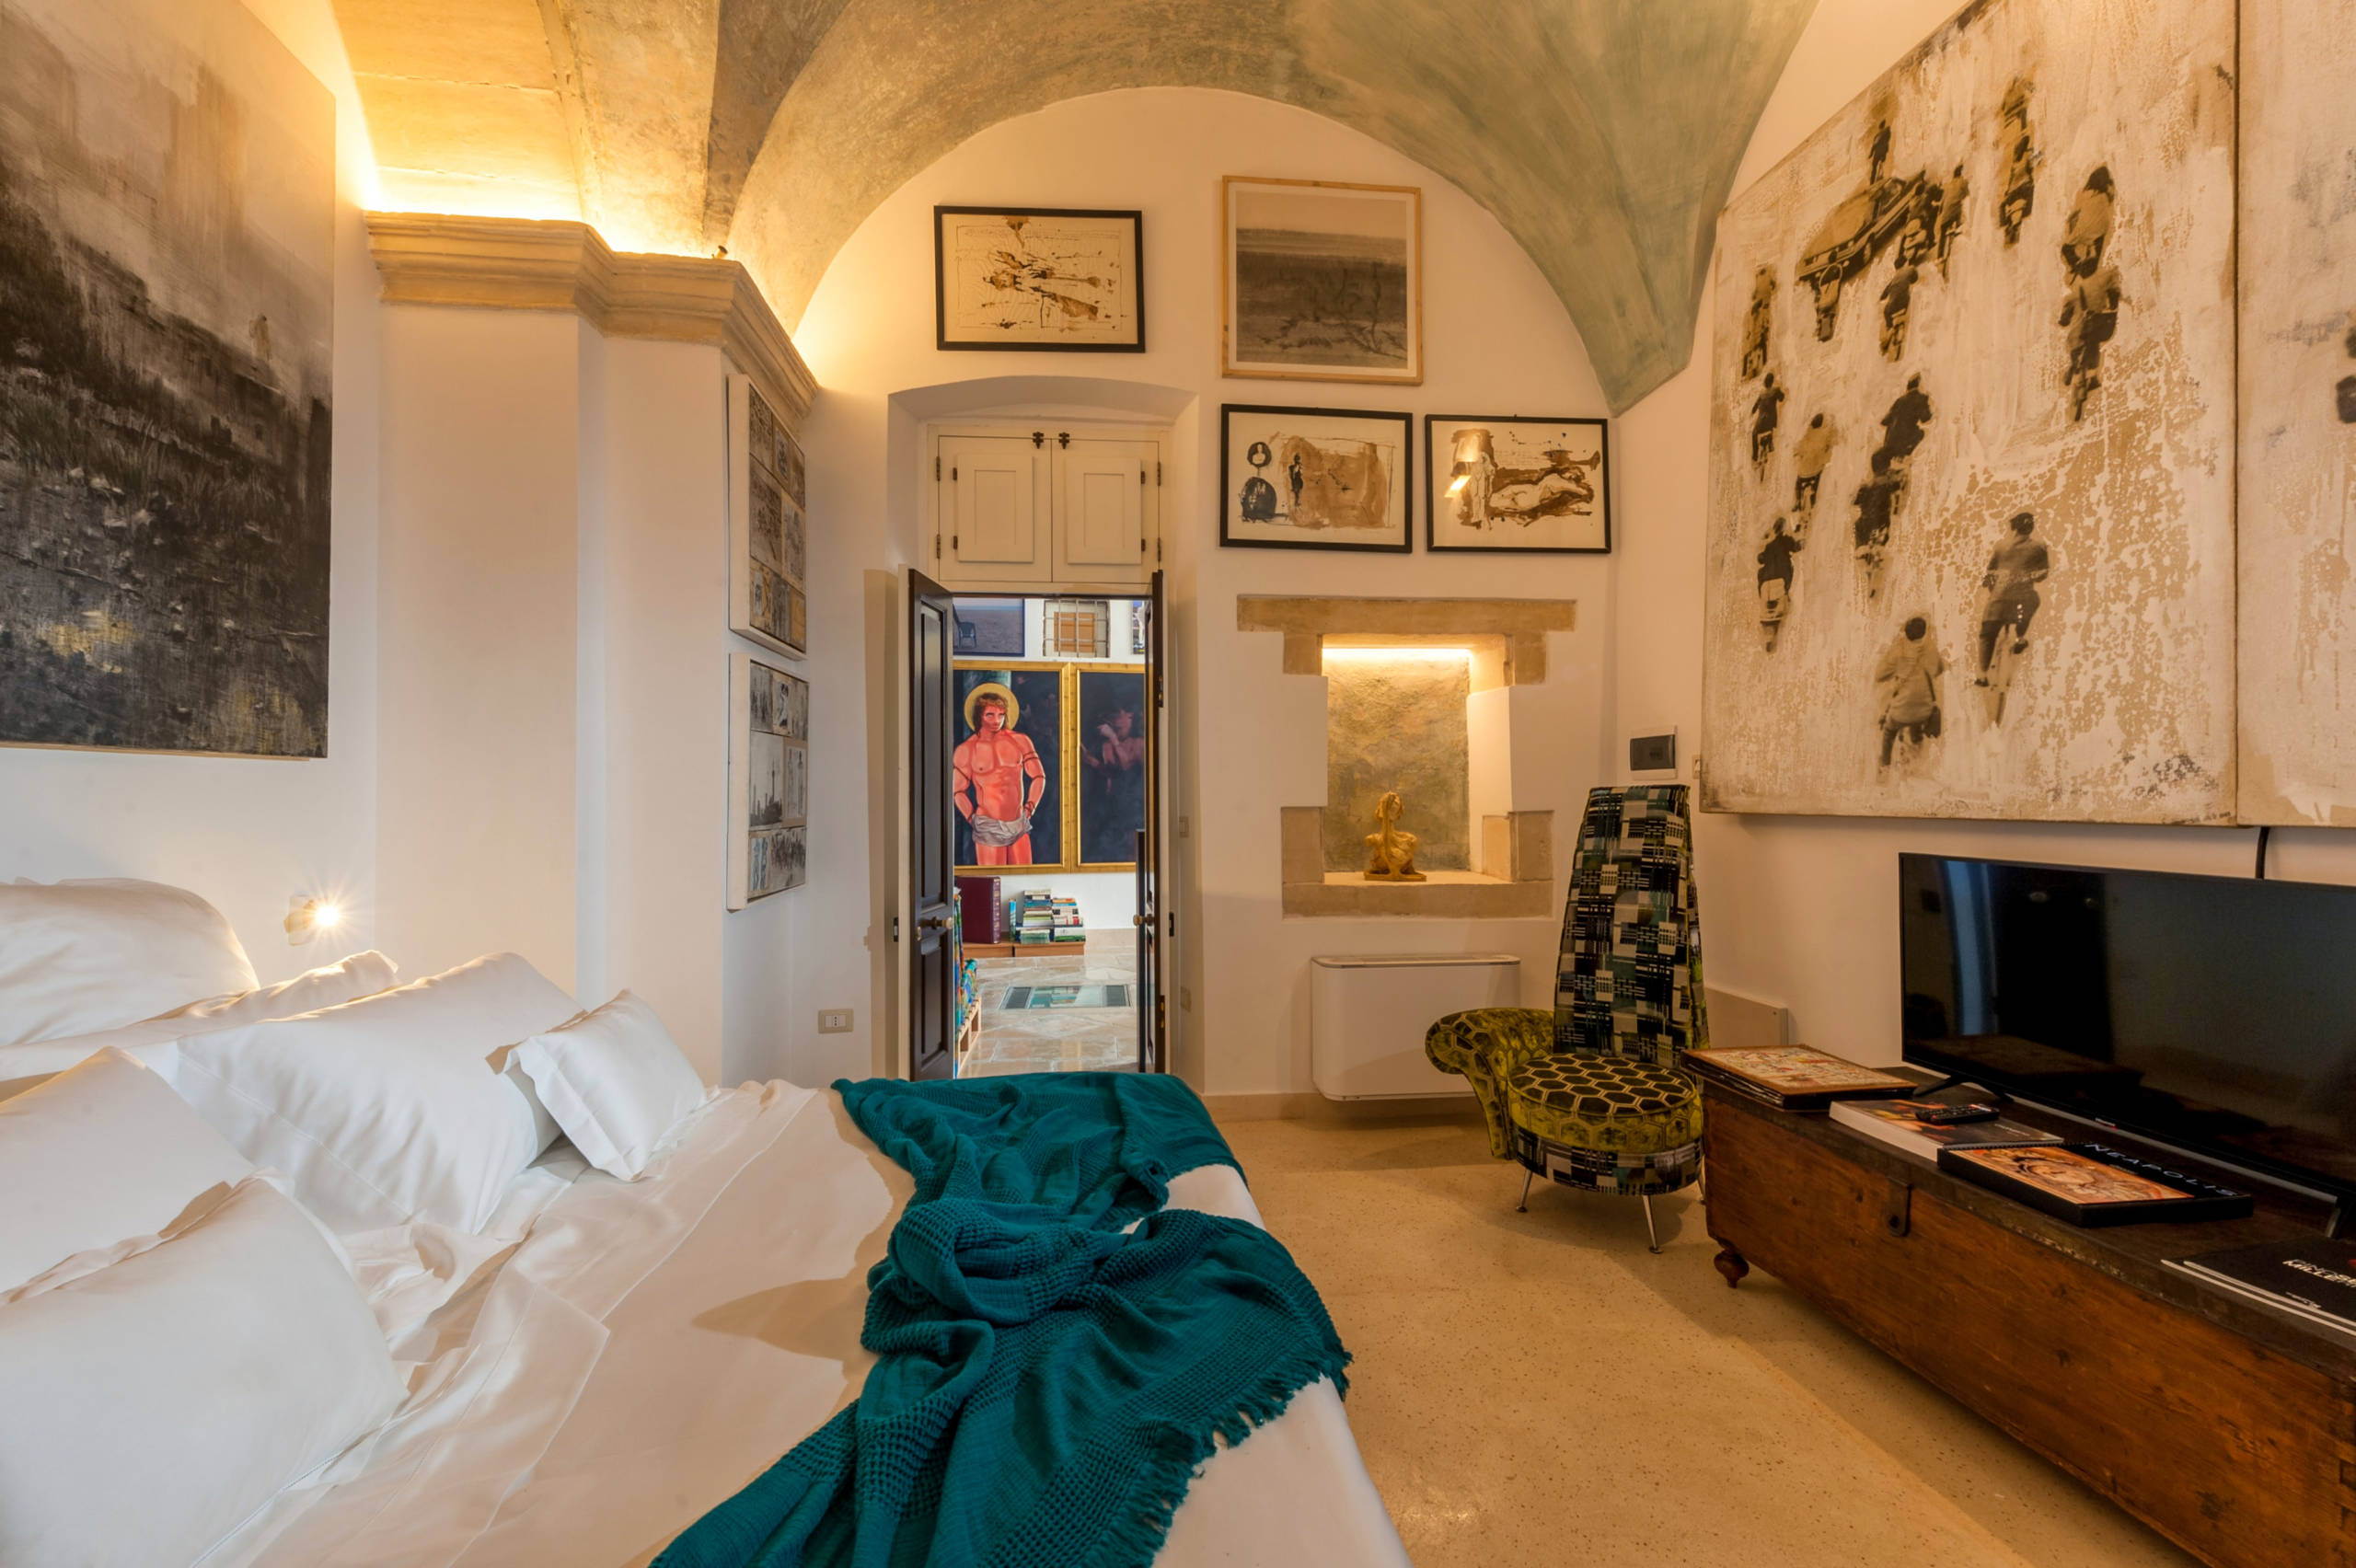 Valle della Cupa Palazzo storico di grande valore artistico e culturale